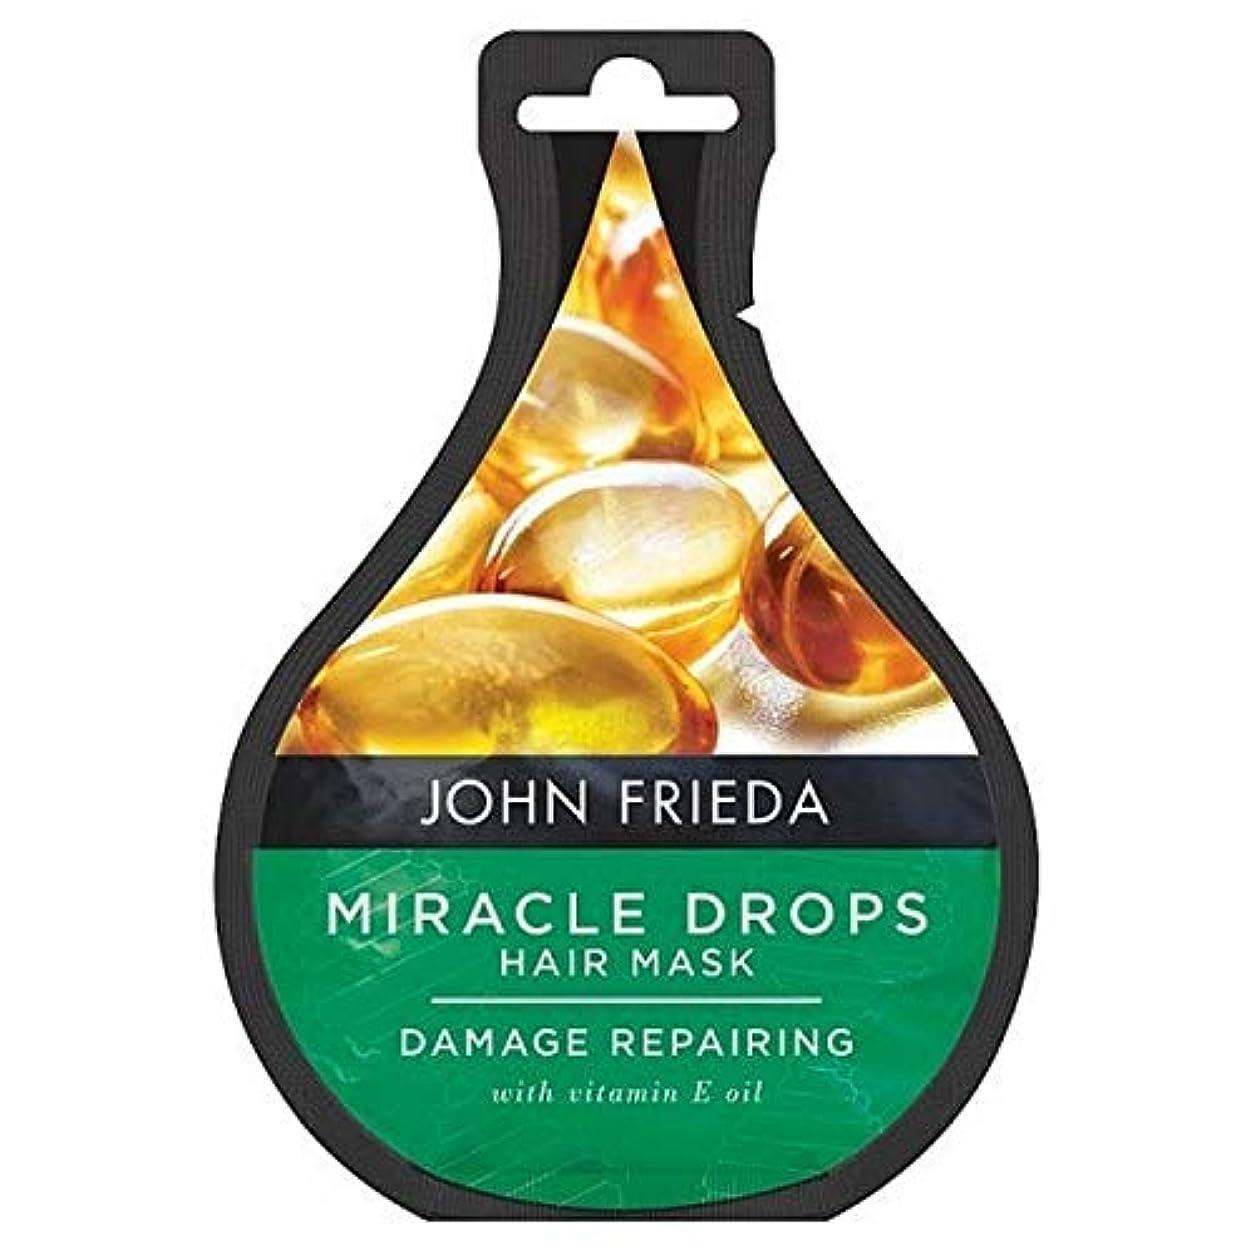 更新する教え論争[John Frieda ] ジョン?フリーダ奇跡が損傷修復のために25ミリリットル低下します - John Frieda Miracle Drops for Damage Repair 25ml [並行輸入品]